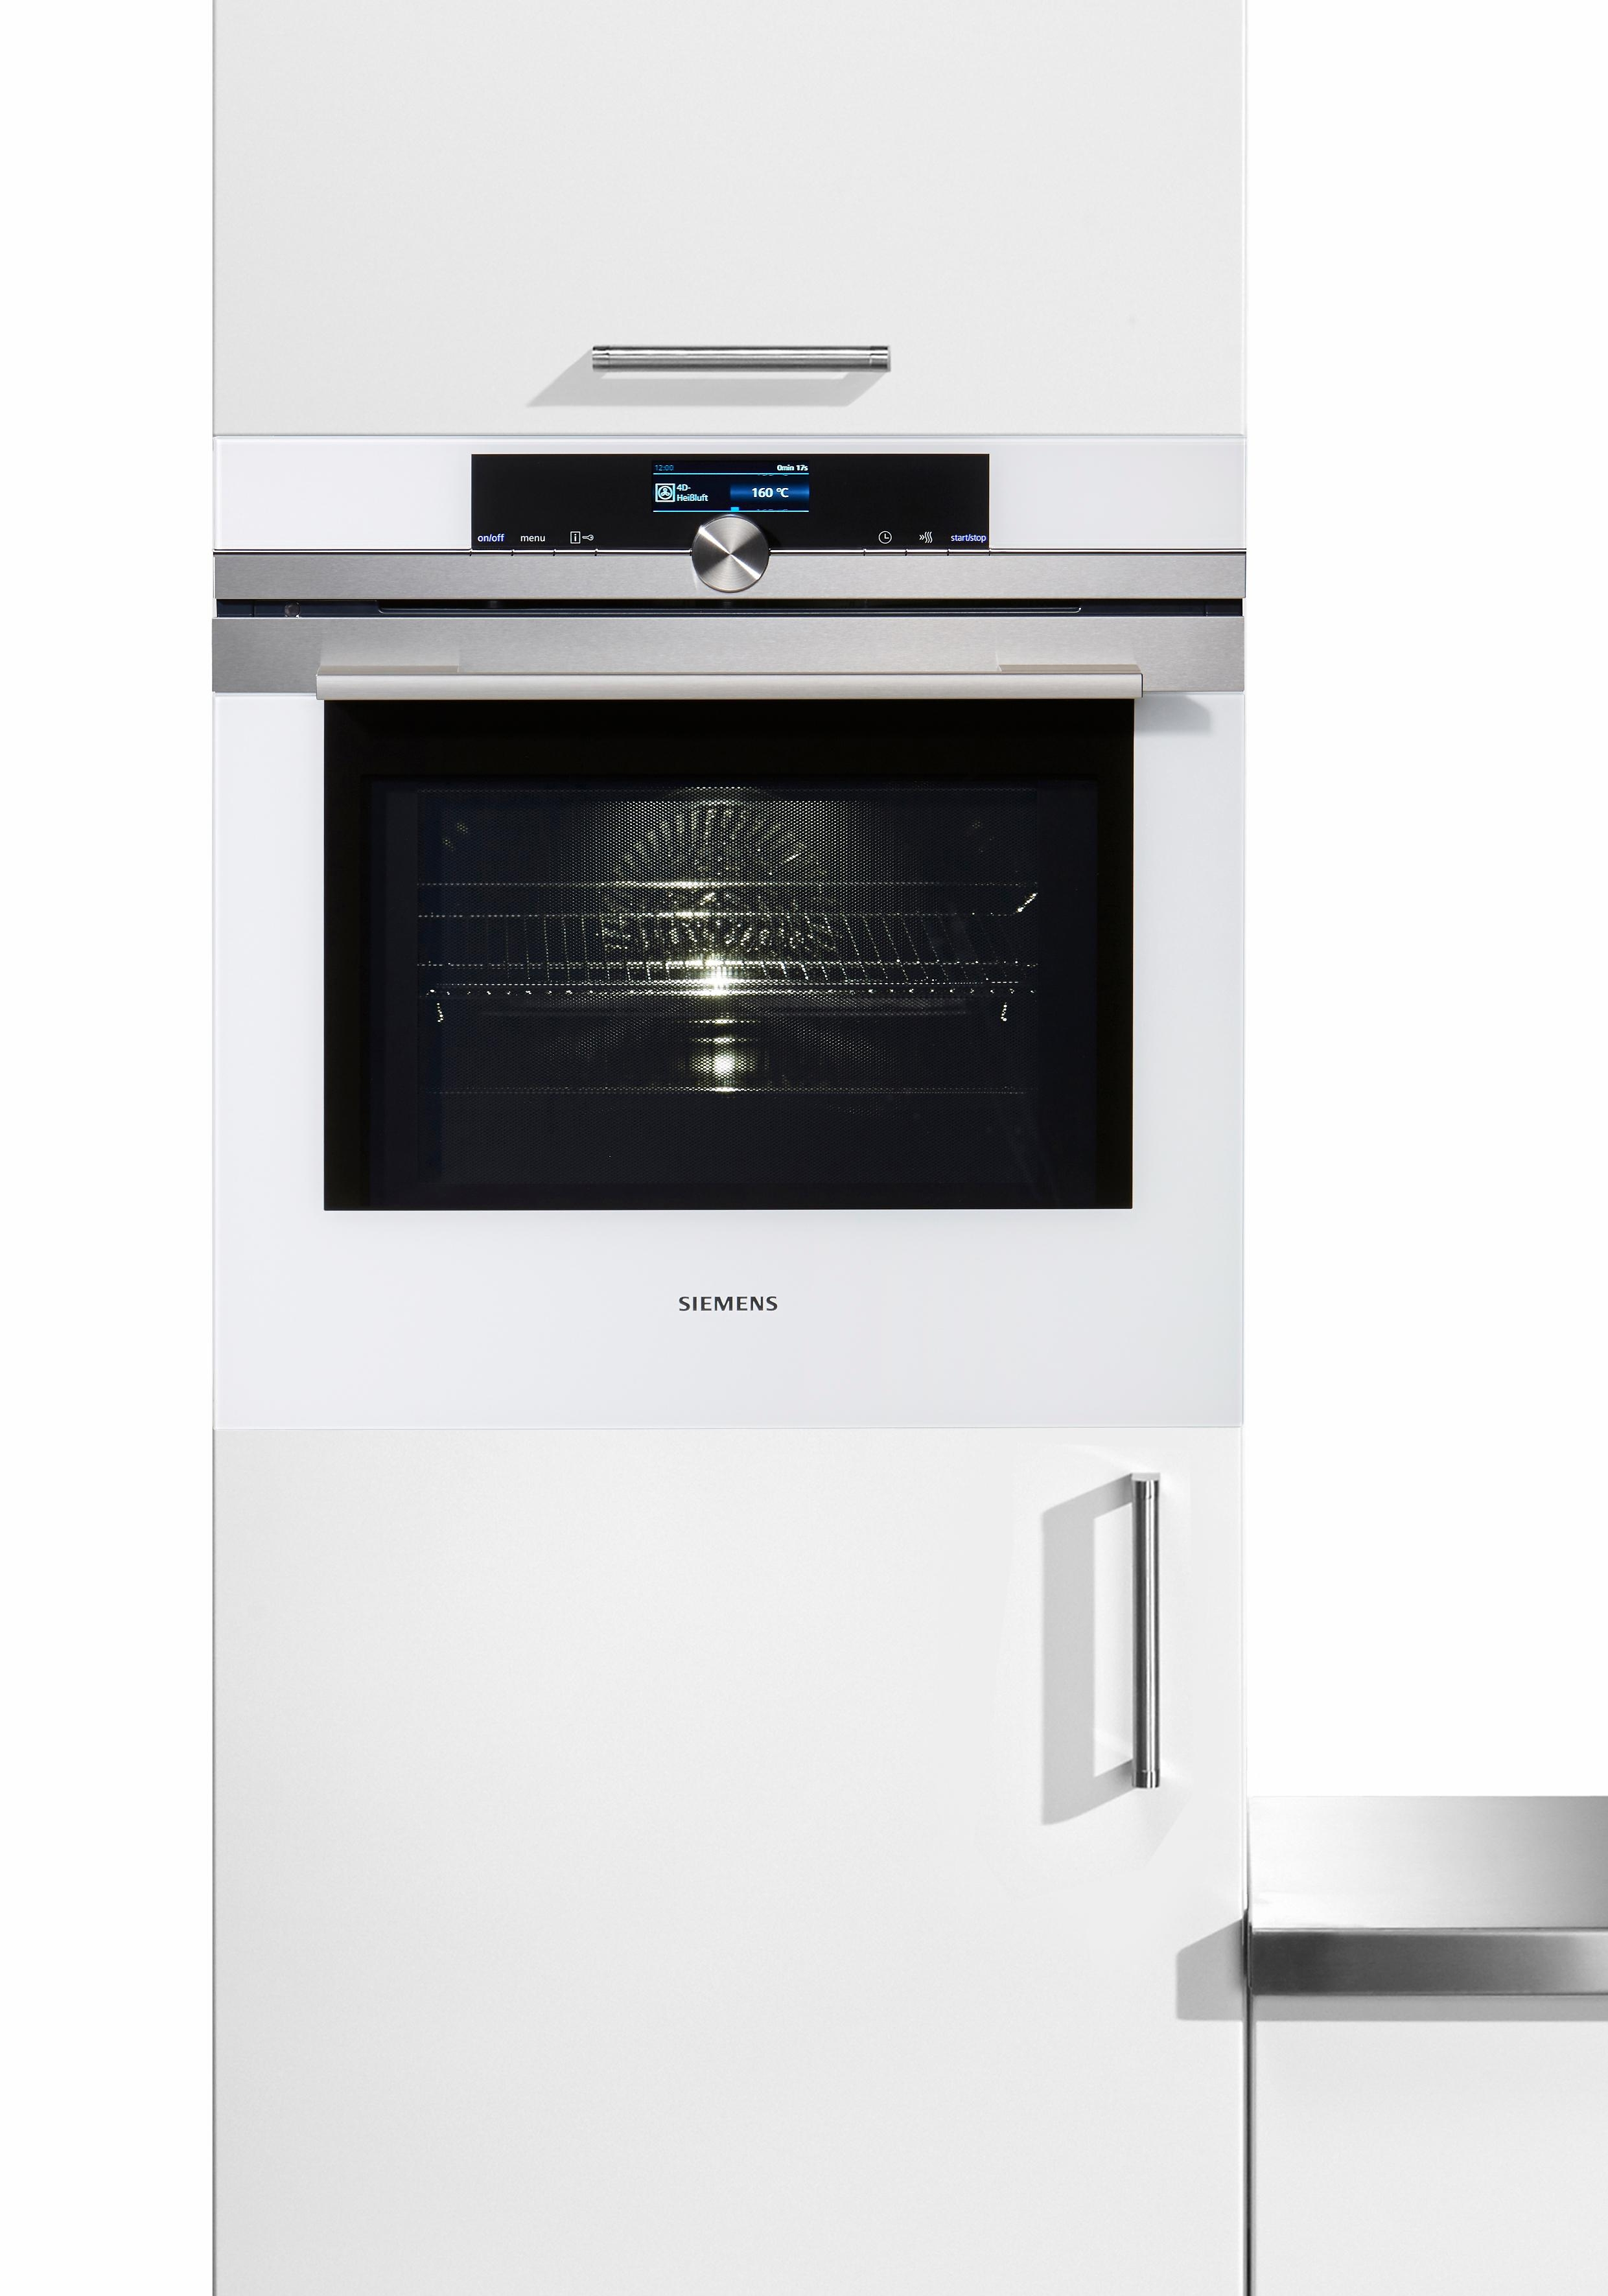 Siemens oven met magnetron en pyrolyse-zelfreiniging iQ700 HM676G0W1 - gratis ruilen op otto.nl